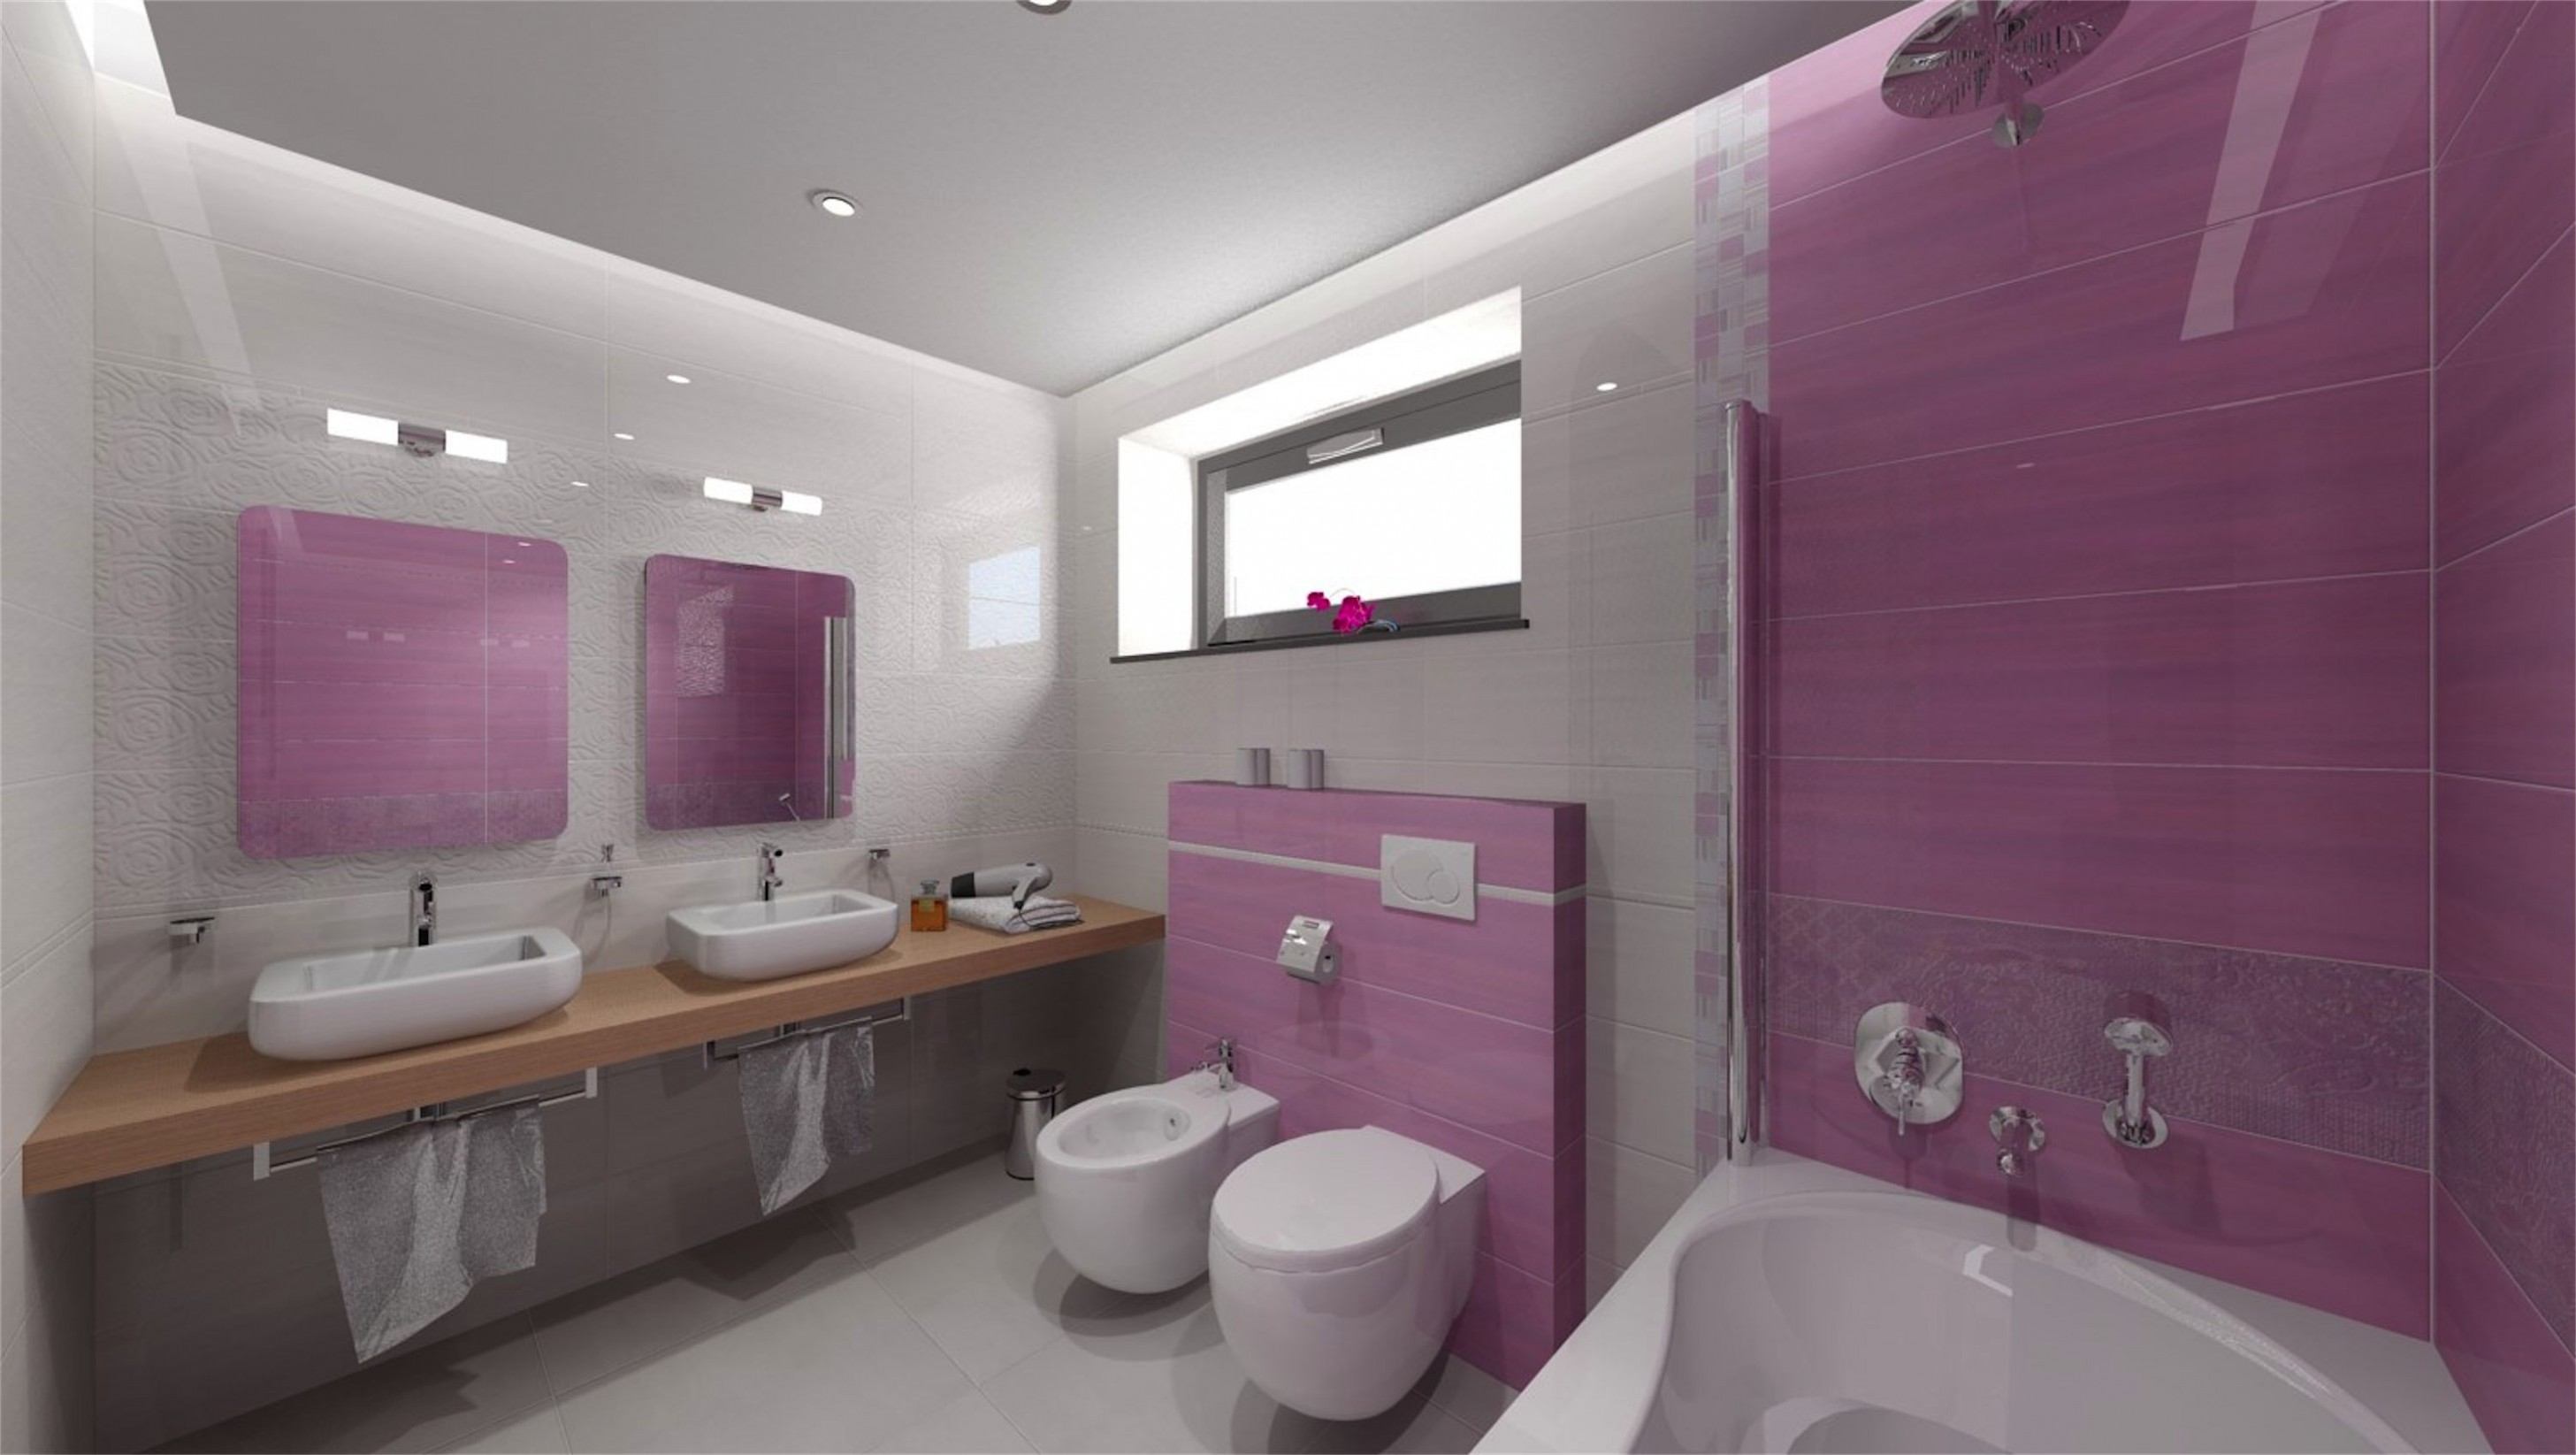 Skvěle vyladěná koupelna a opět deska pod umyvadlo (více jak ..